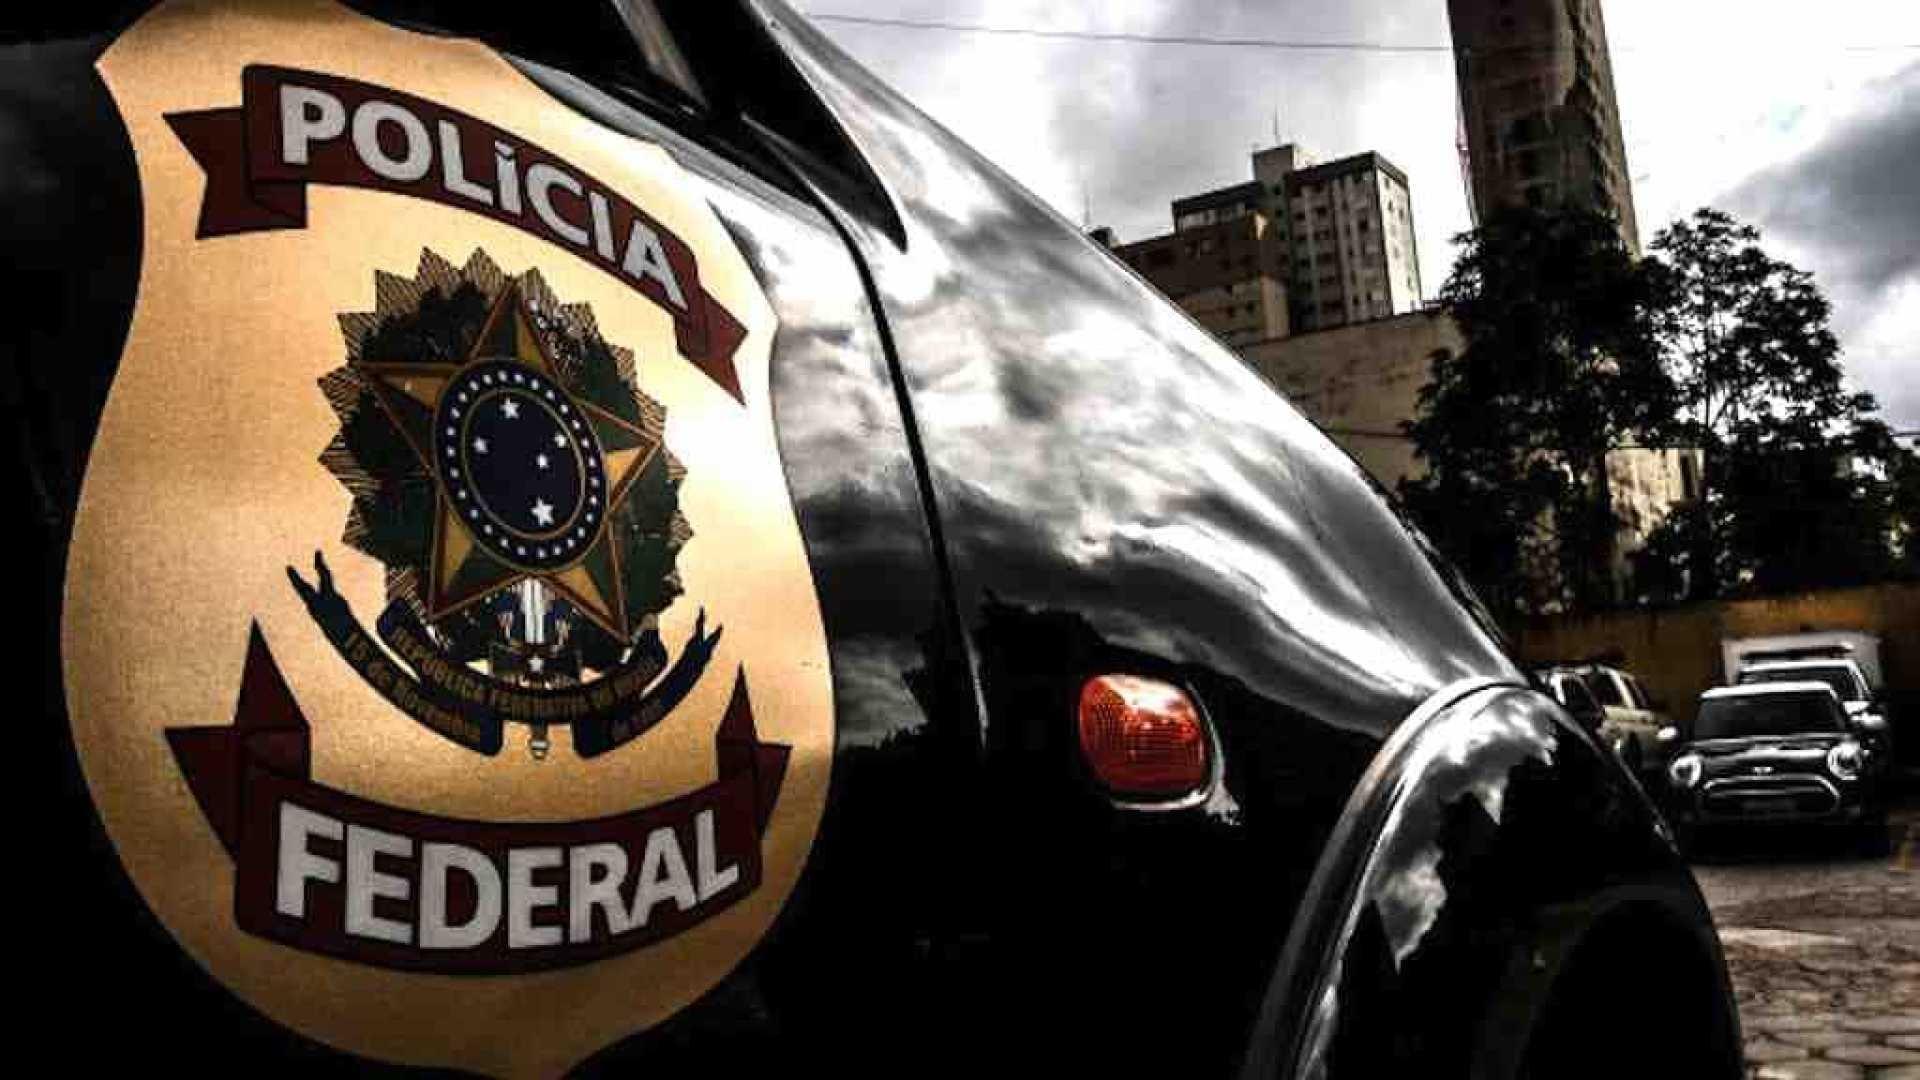 Imagem de Polícia Federal recebe 'caminho para rastrear' fake news no WhatsApp no tecmundo